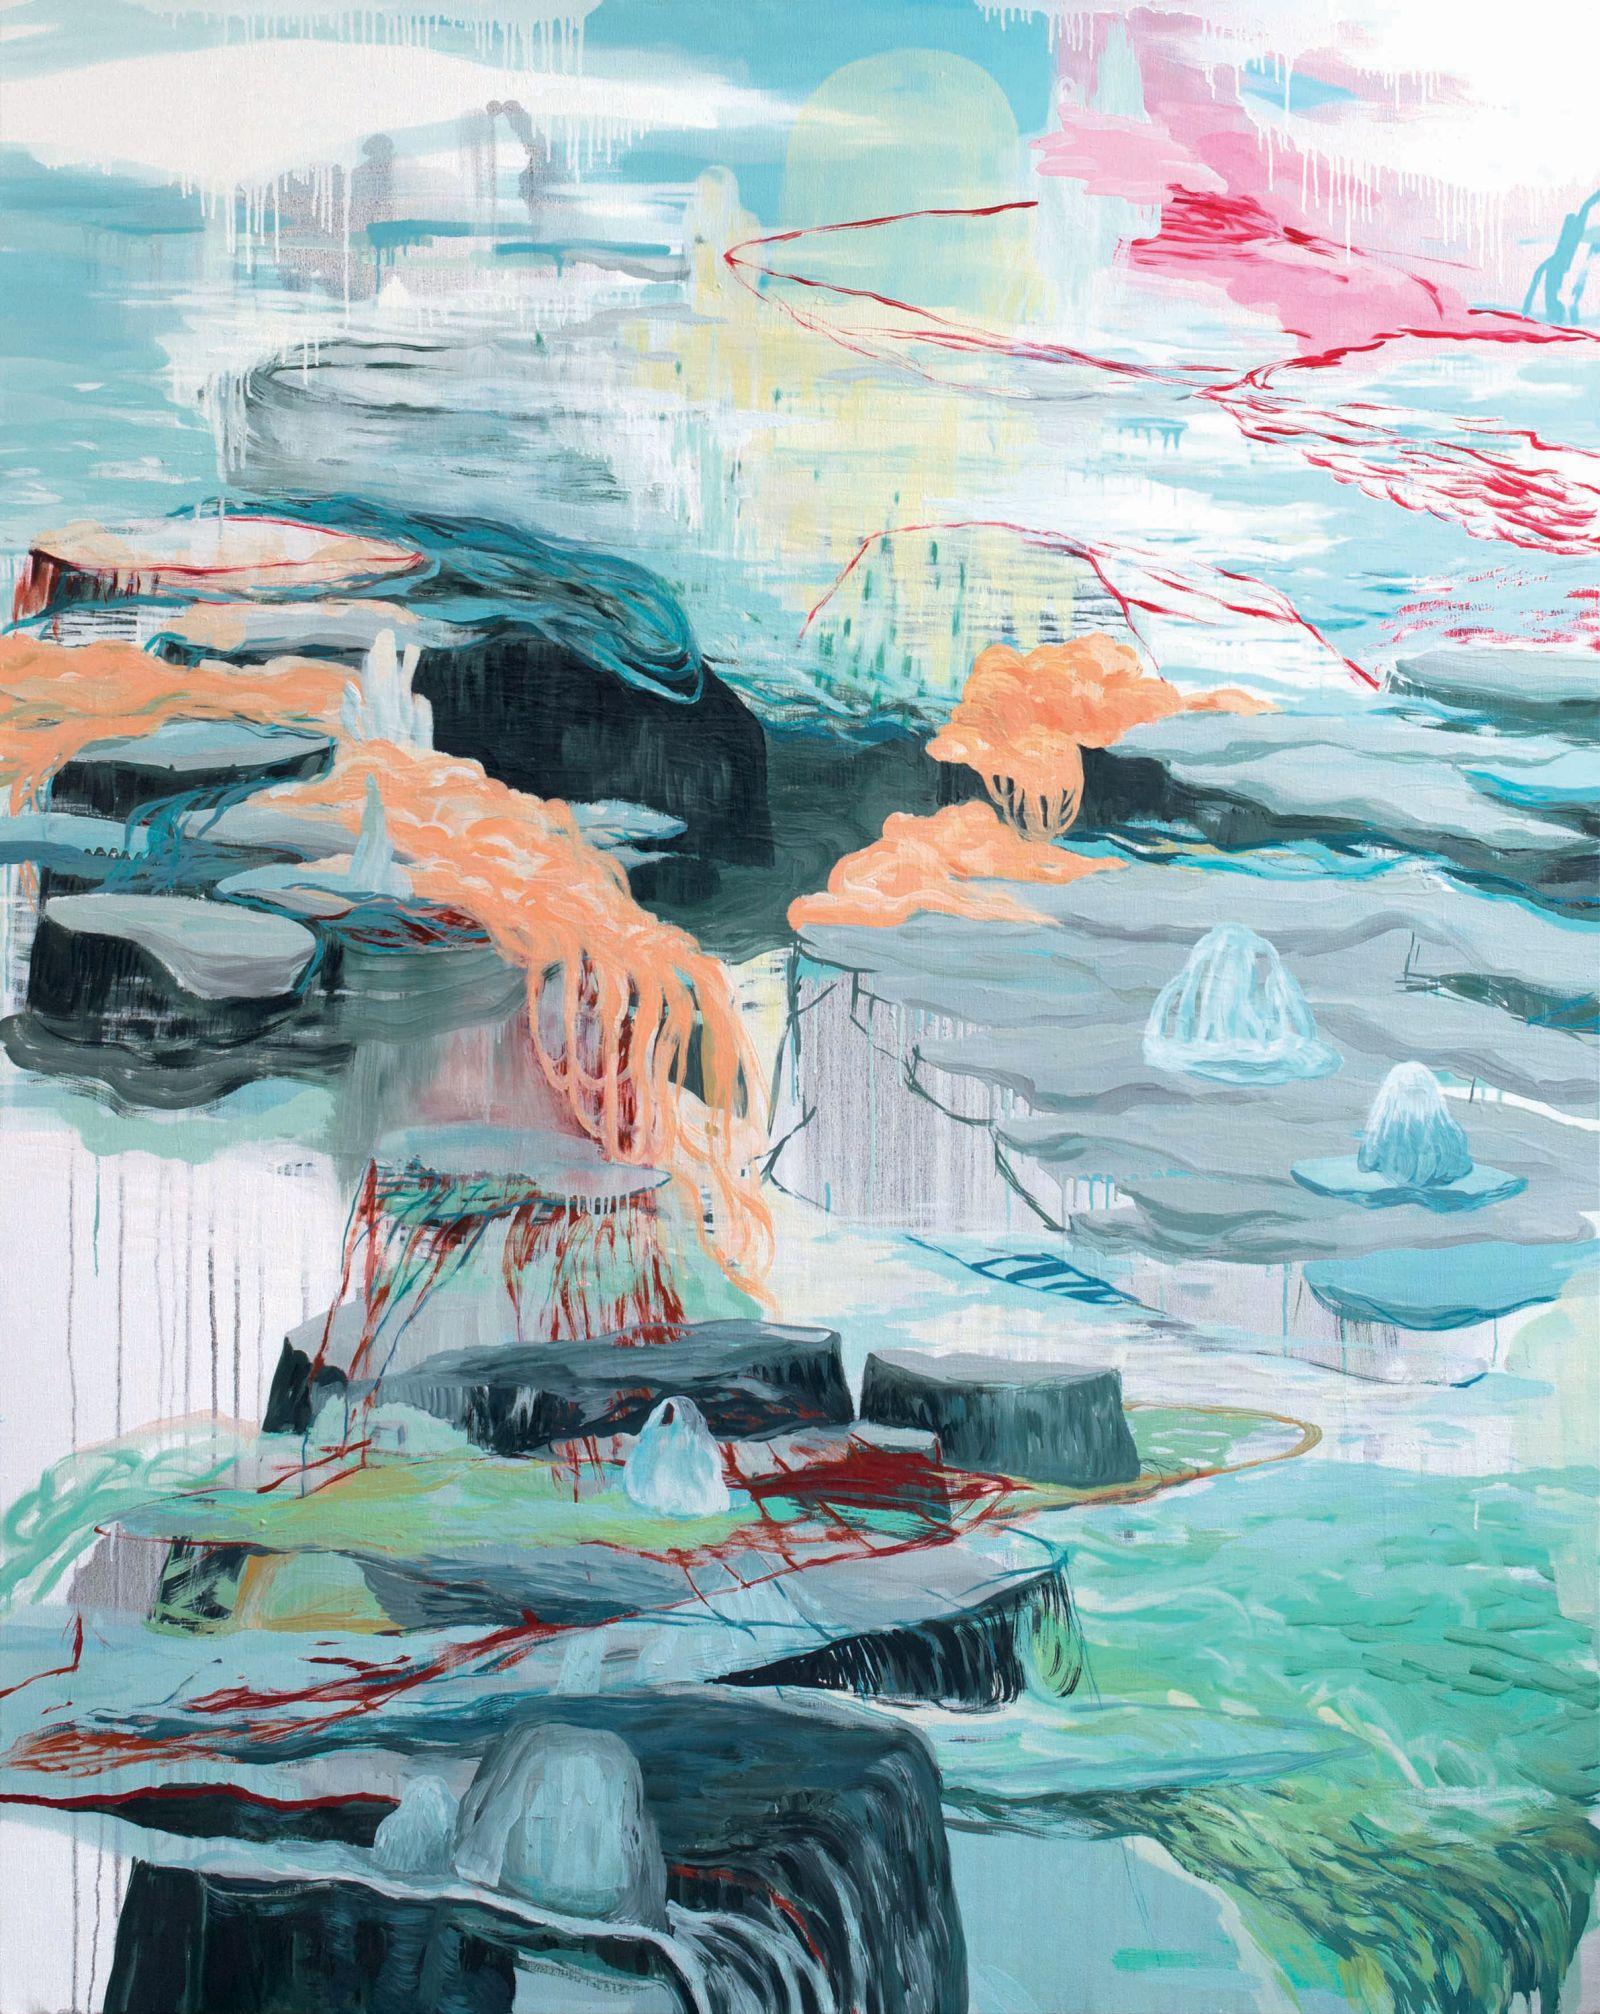 armelle-de-sainte-marie-odyssee-21-2015-huile-sur-toile-162x130cm-55d7125299a25fefeb12aed56bac026a